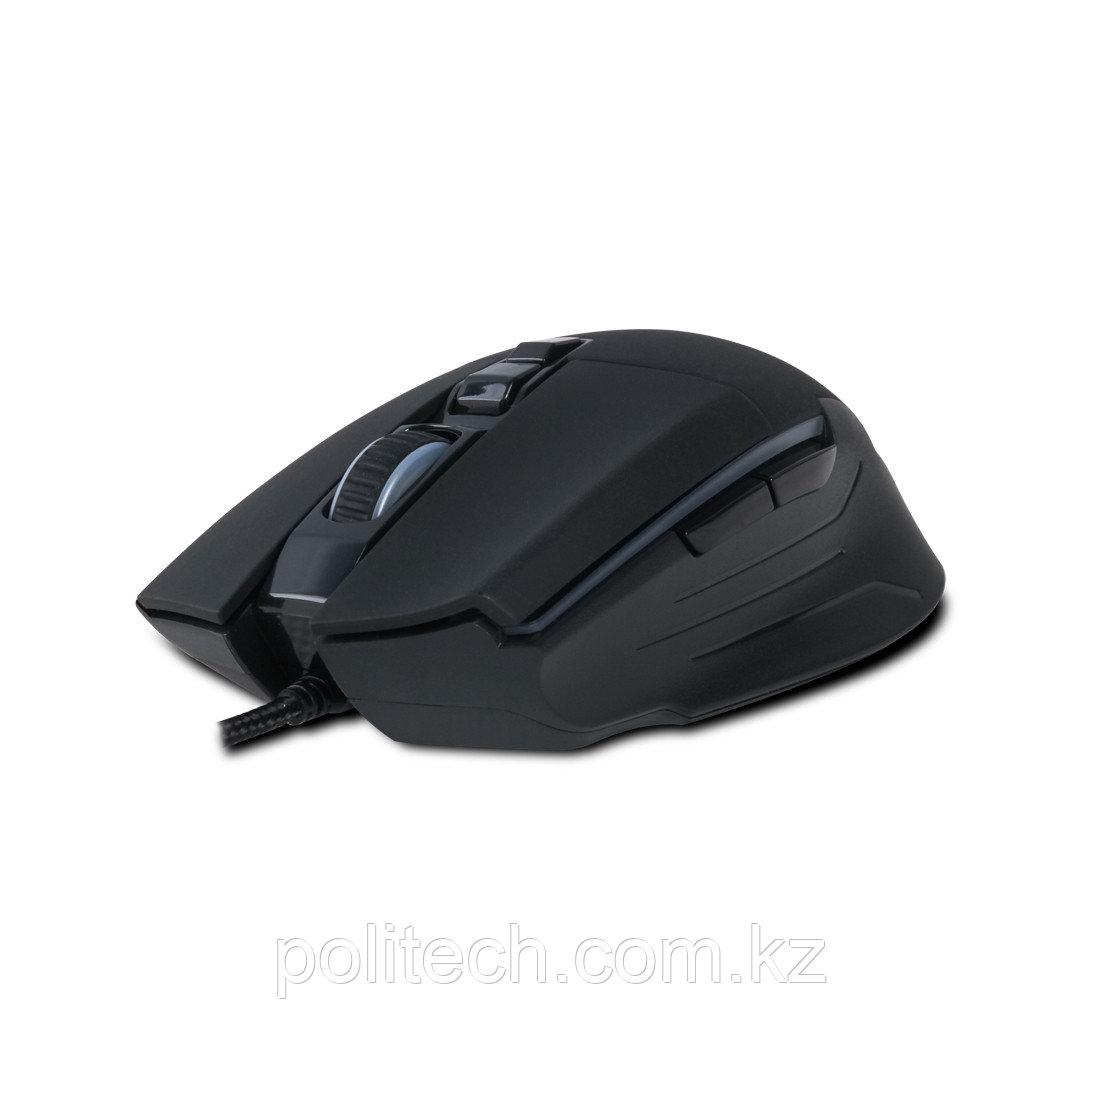 Компьютерная мышь Delux DLM-522OUB